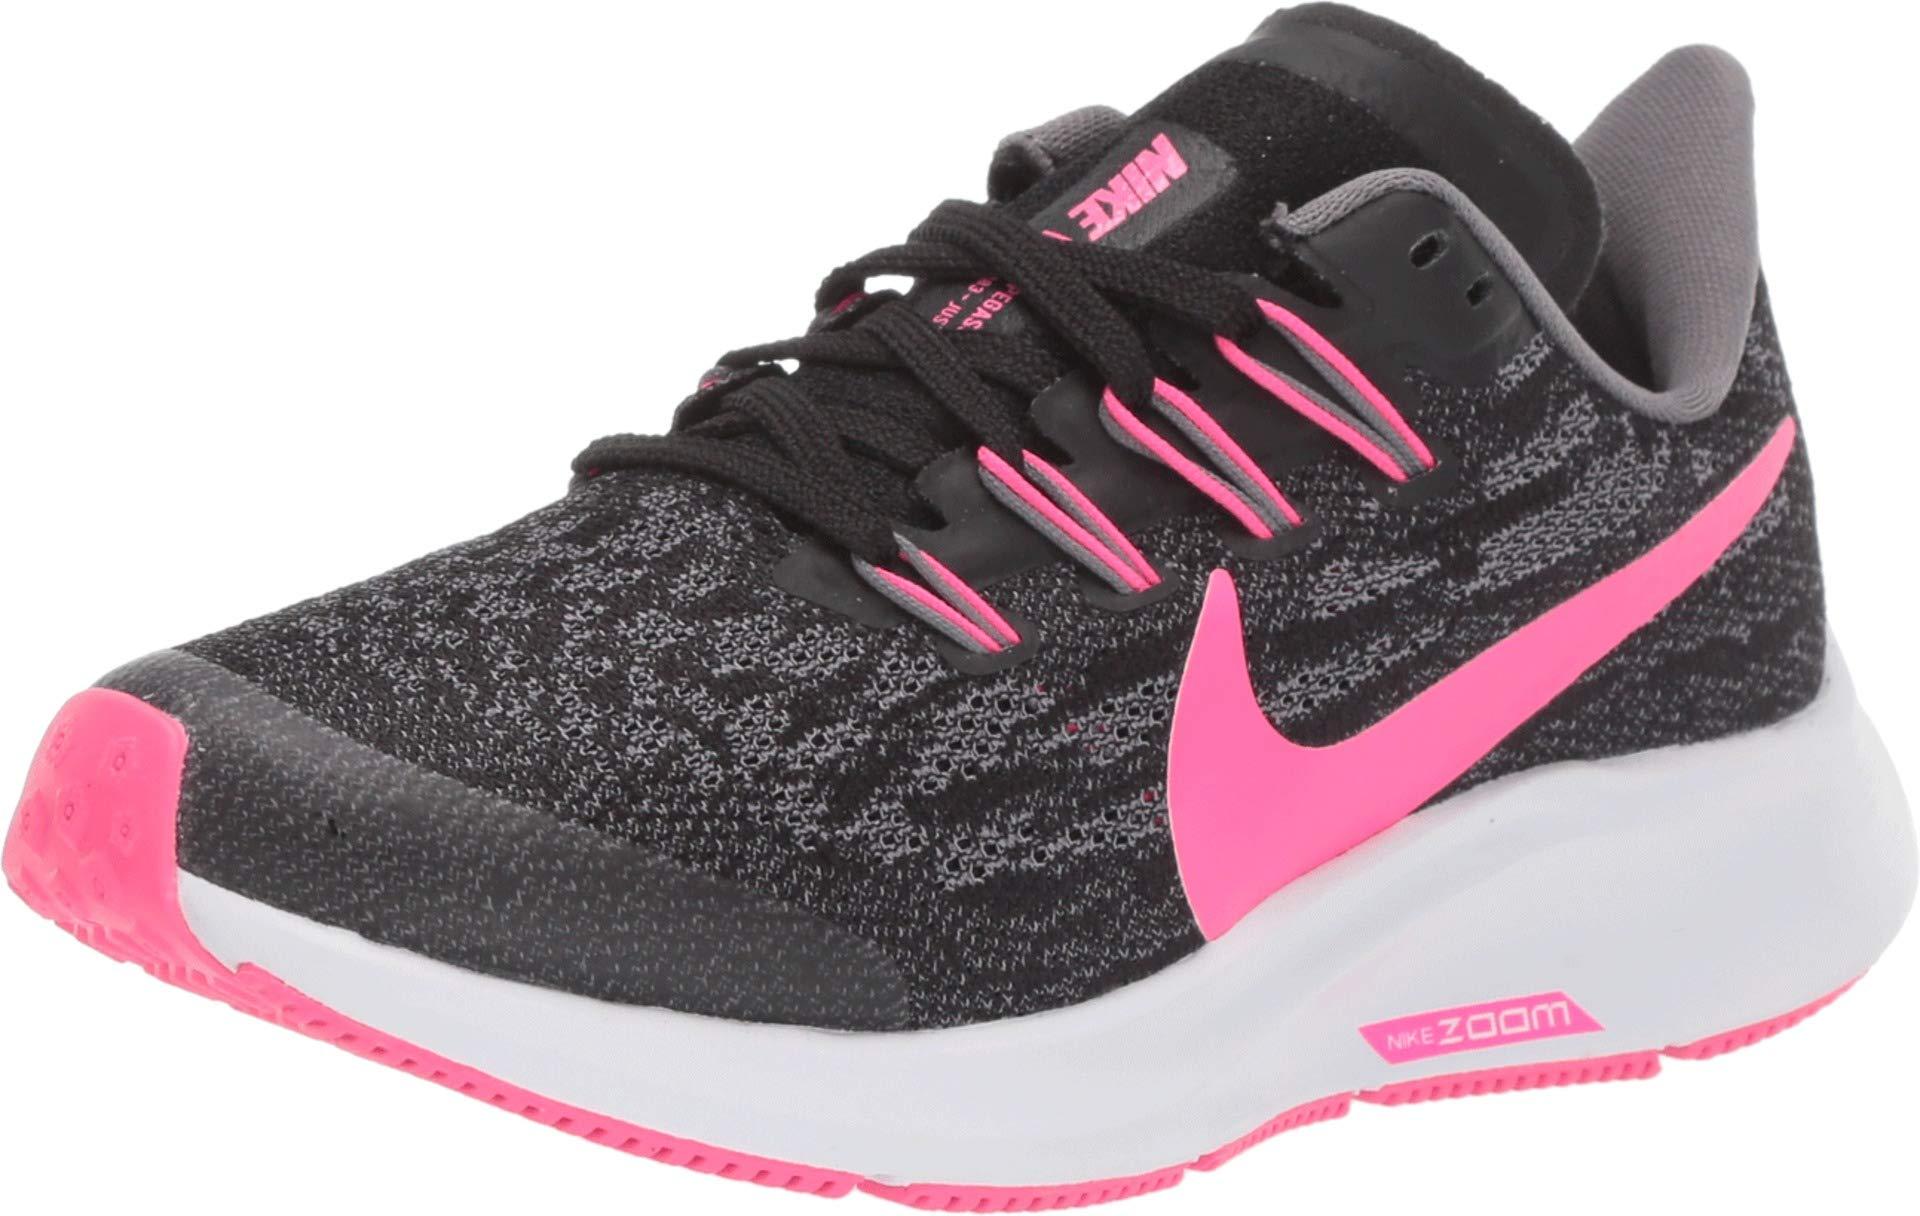 Nike Boy's Air Zoom Pegasus 36 Running Shoe Black/Hyper Pink/Gunsmoke/White Size 3.5 M US by Nike